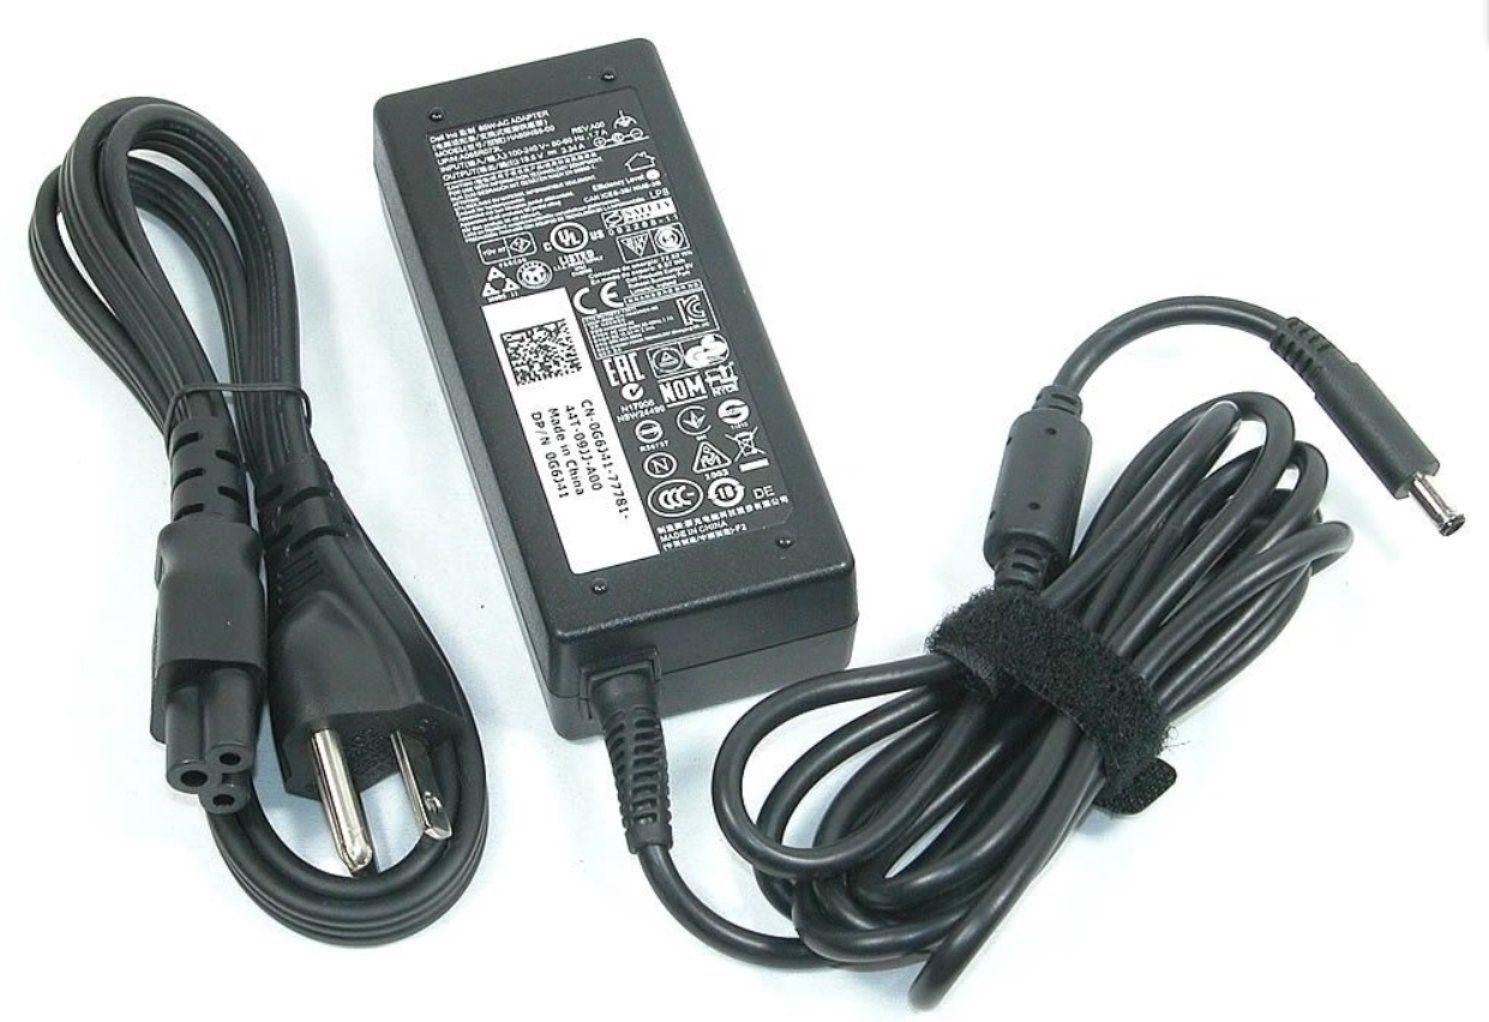 // 18 original Dell XPS 13 19.5V 3.34A  charger adapter 1820 // 12 9Q23 9343